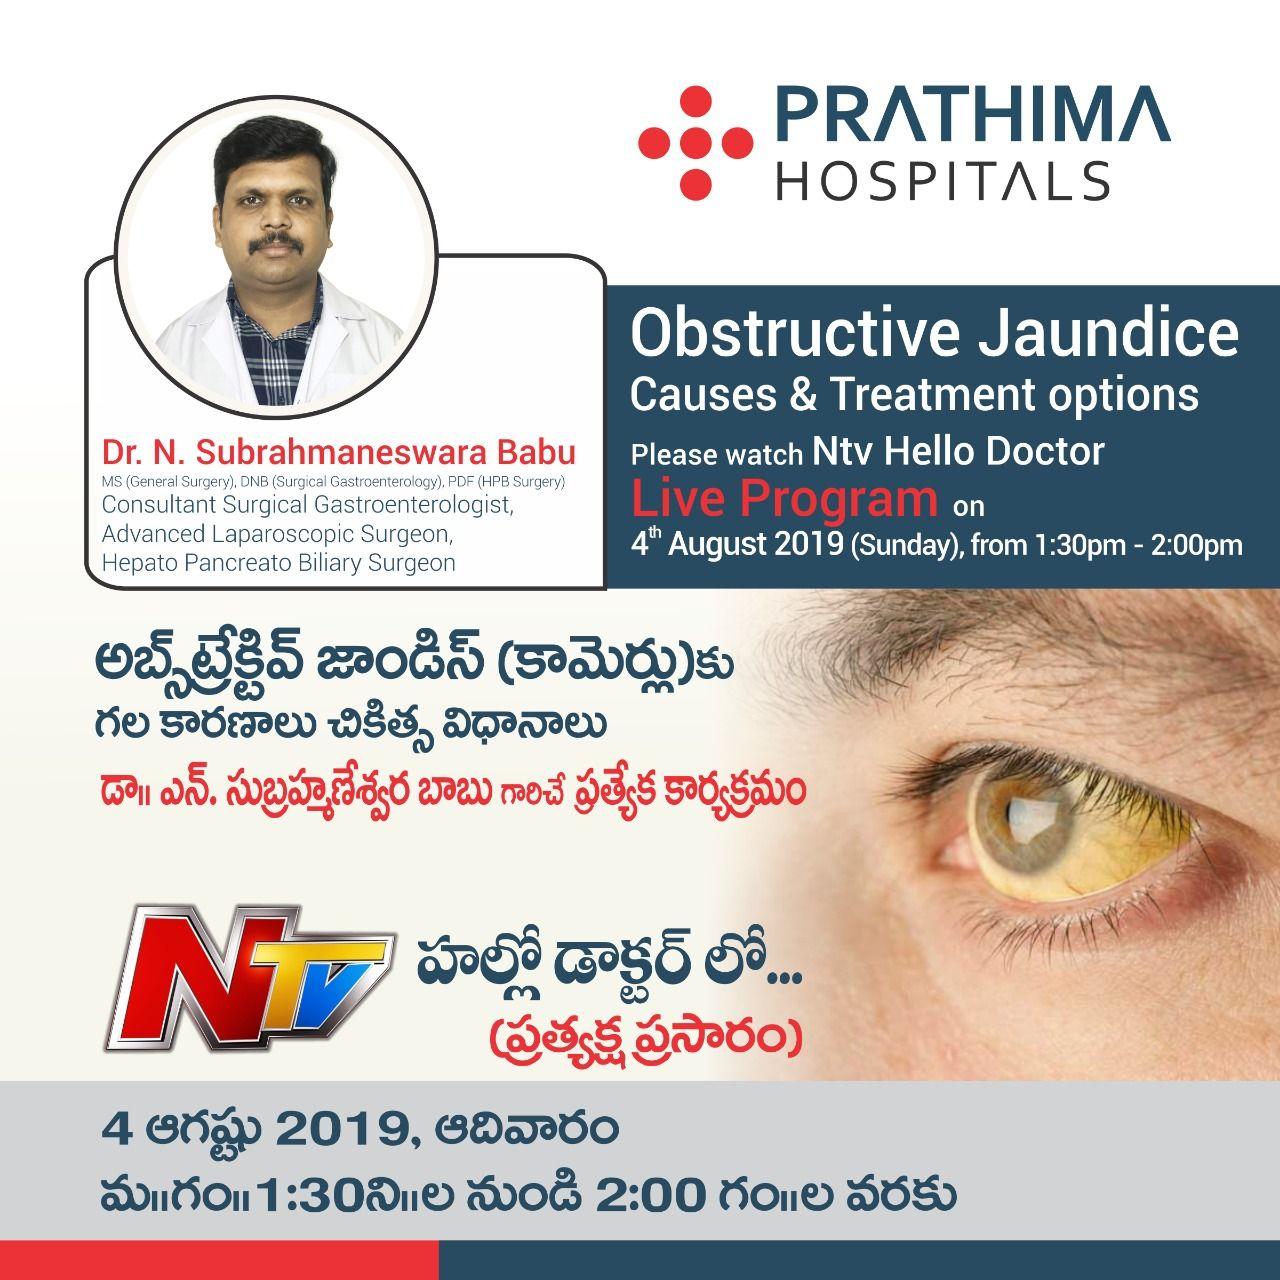 prathimahospitals DepartmentofSurgicalGastroenterology